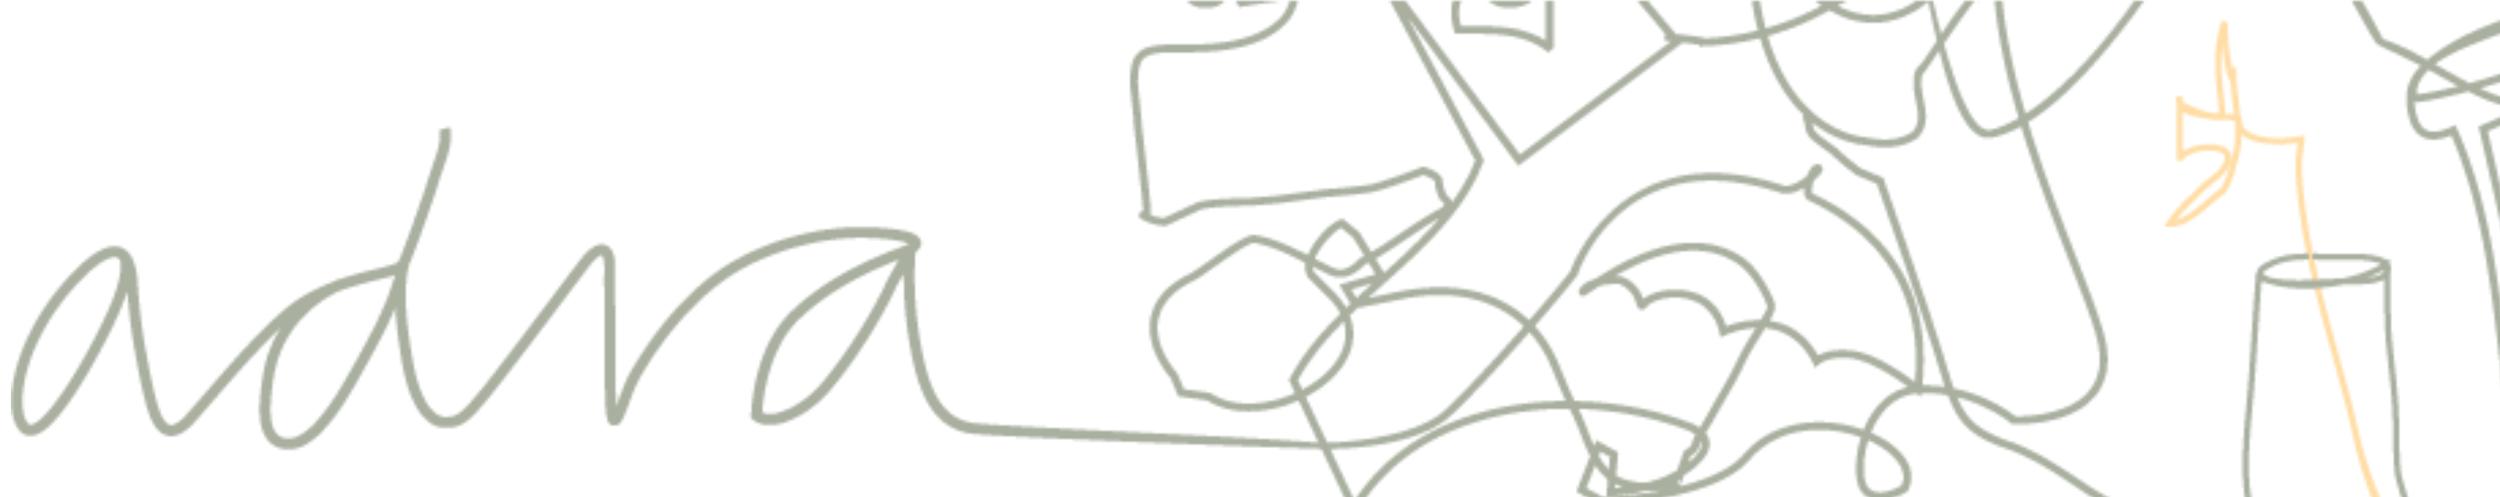 Adrahome-logo.png